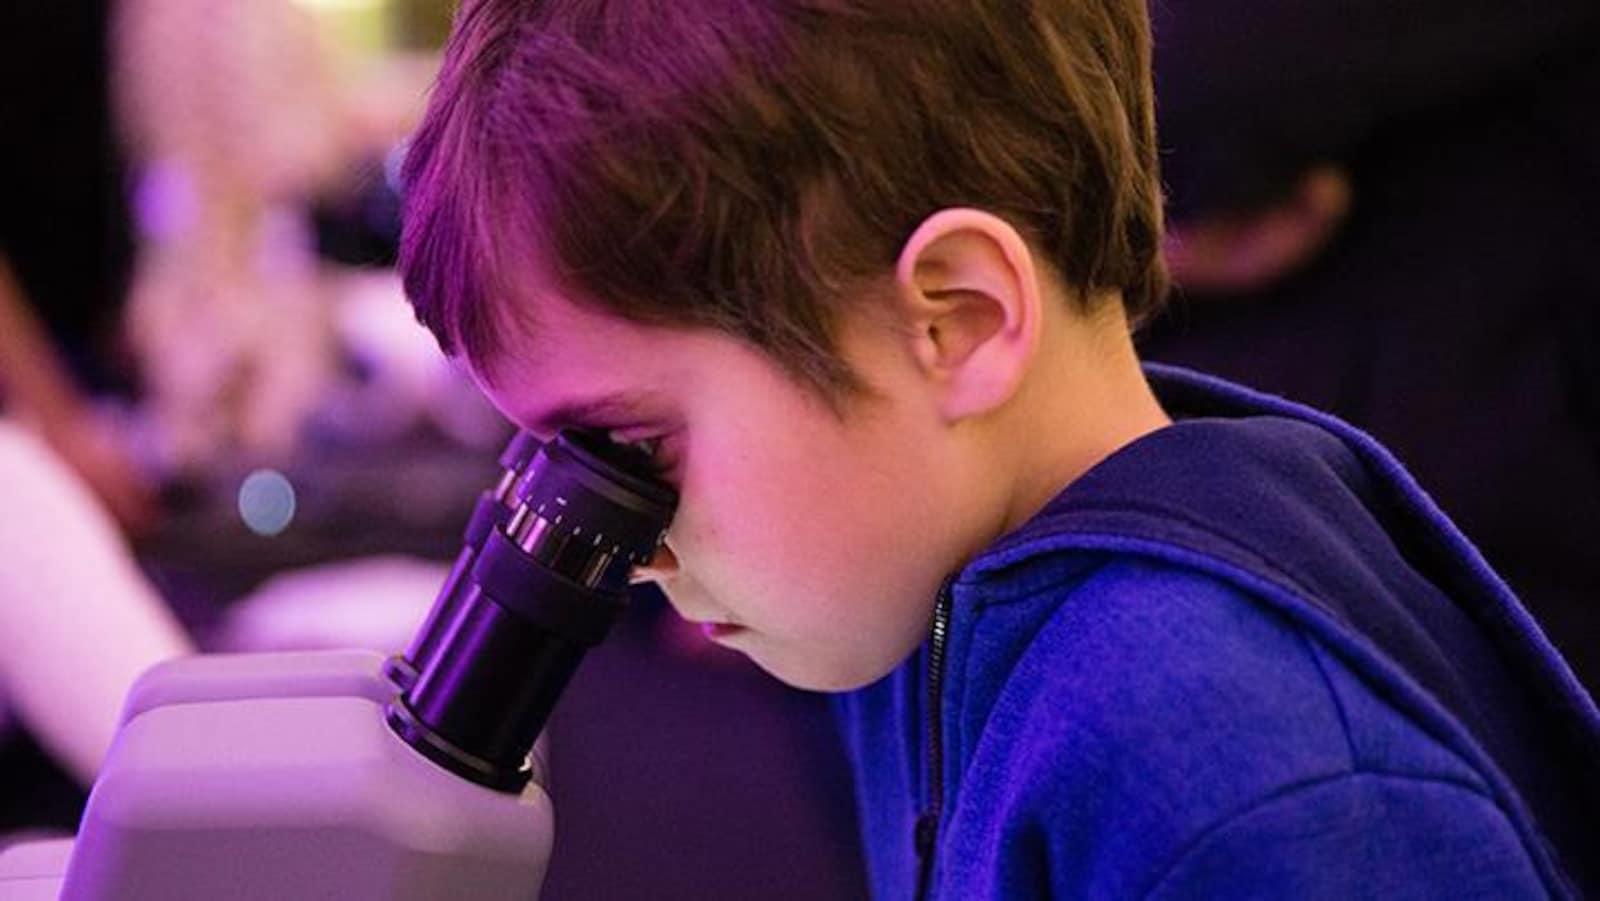 Il regarde dans un microscope